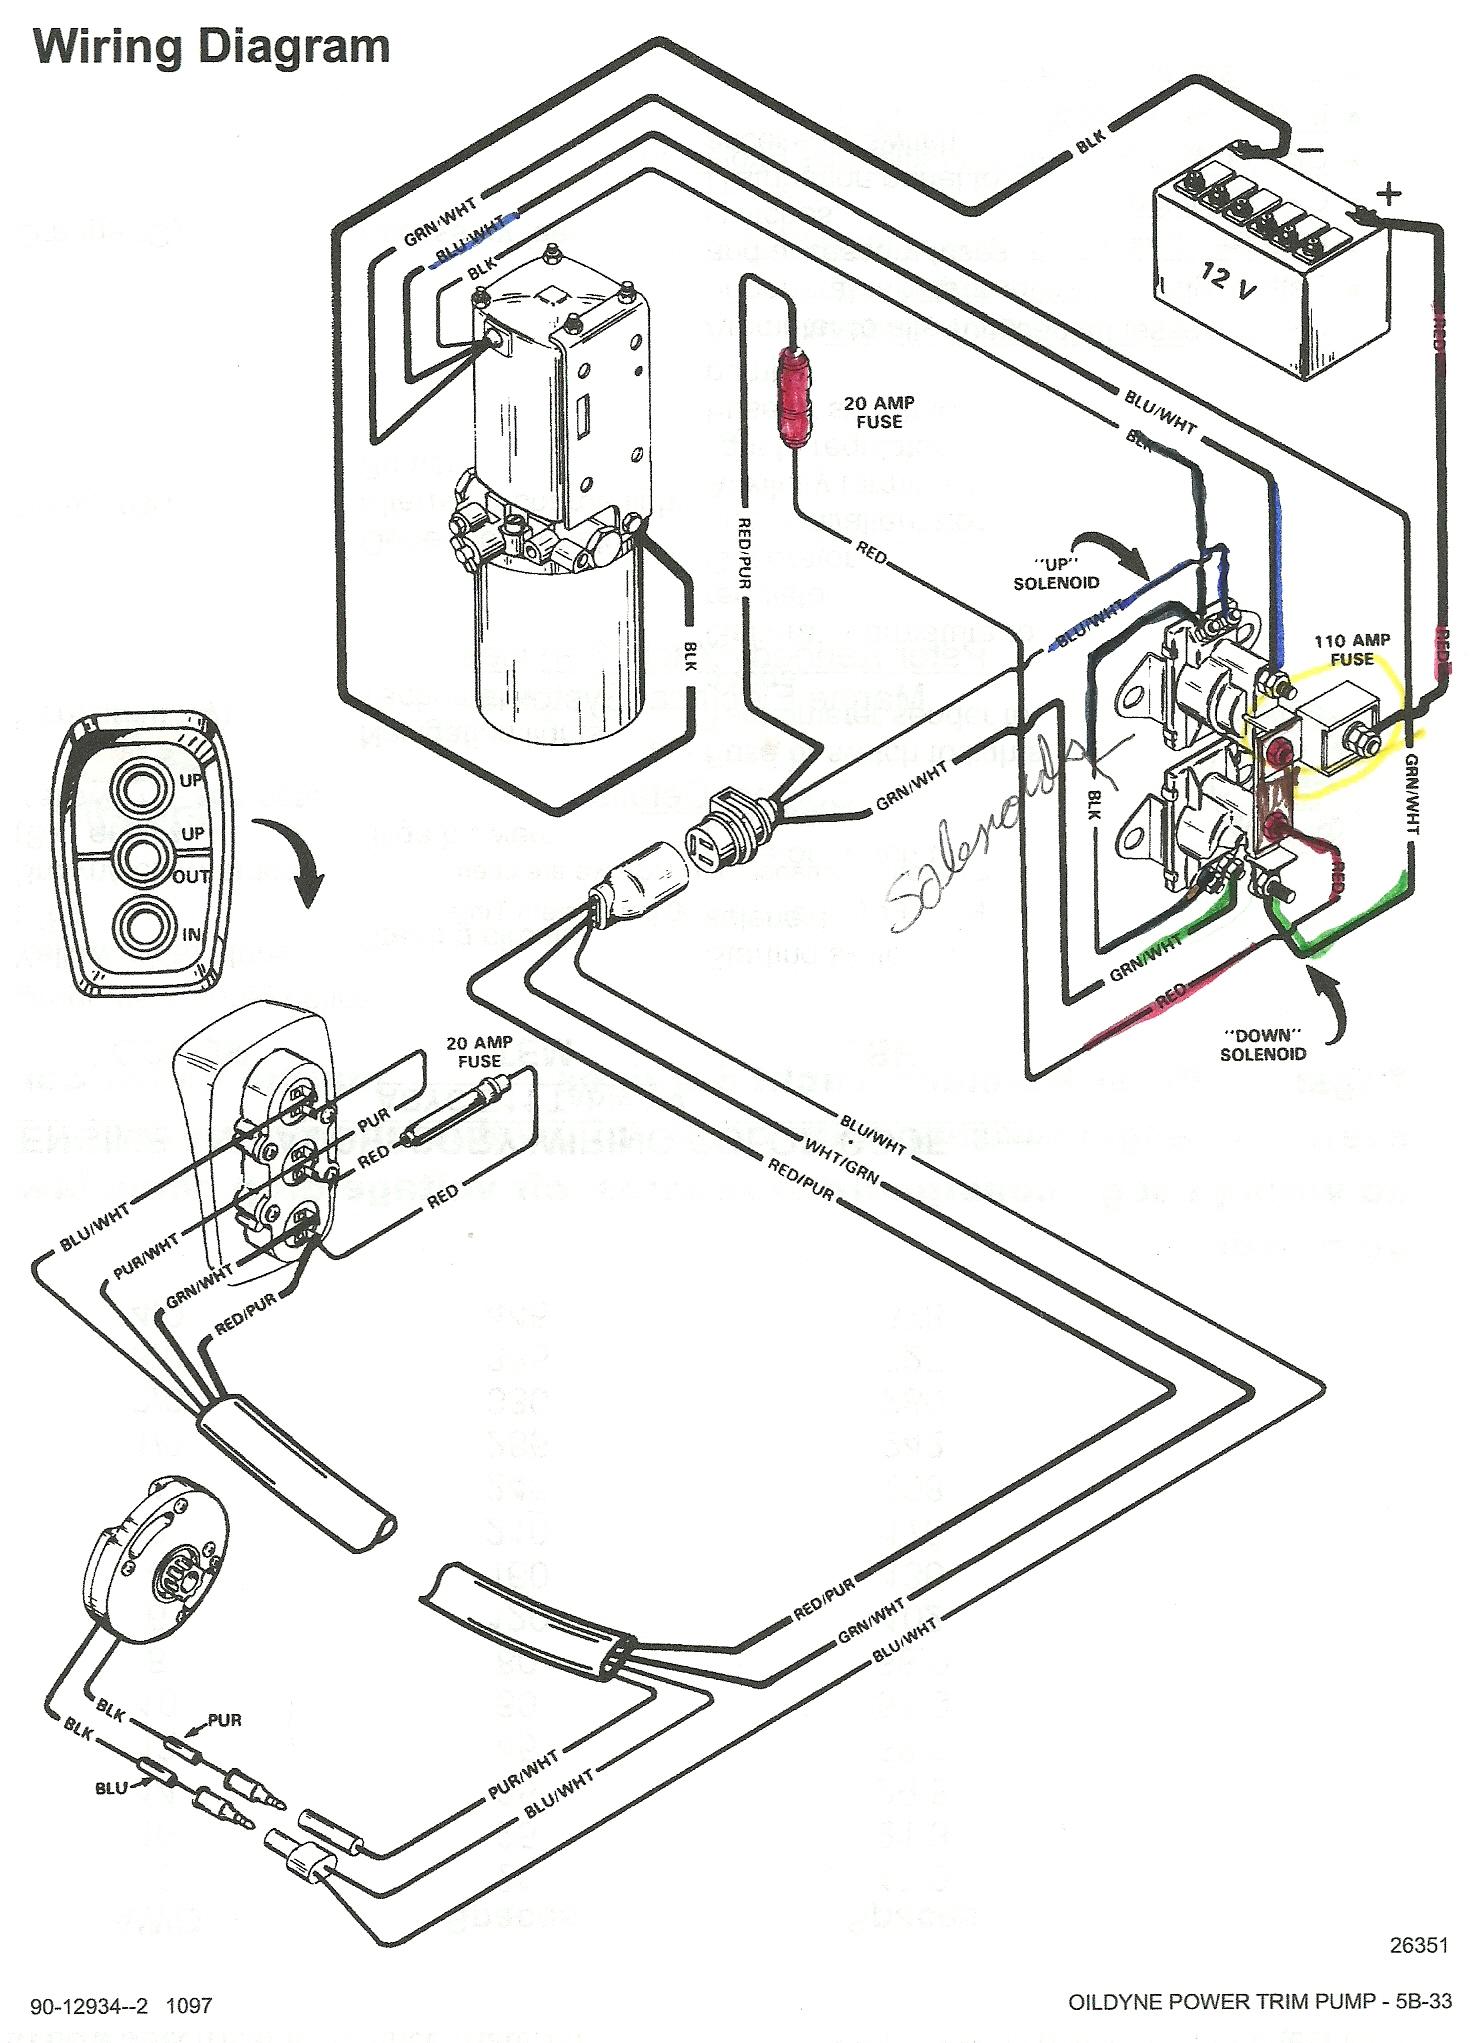 Mercruiser Wiring Schematic | Wiring Diagram on